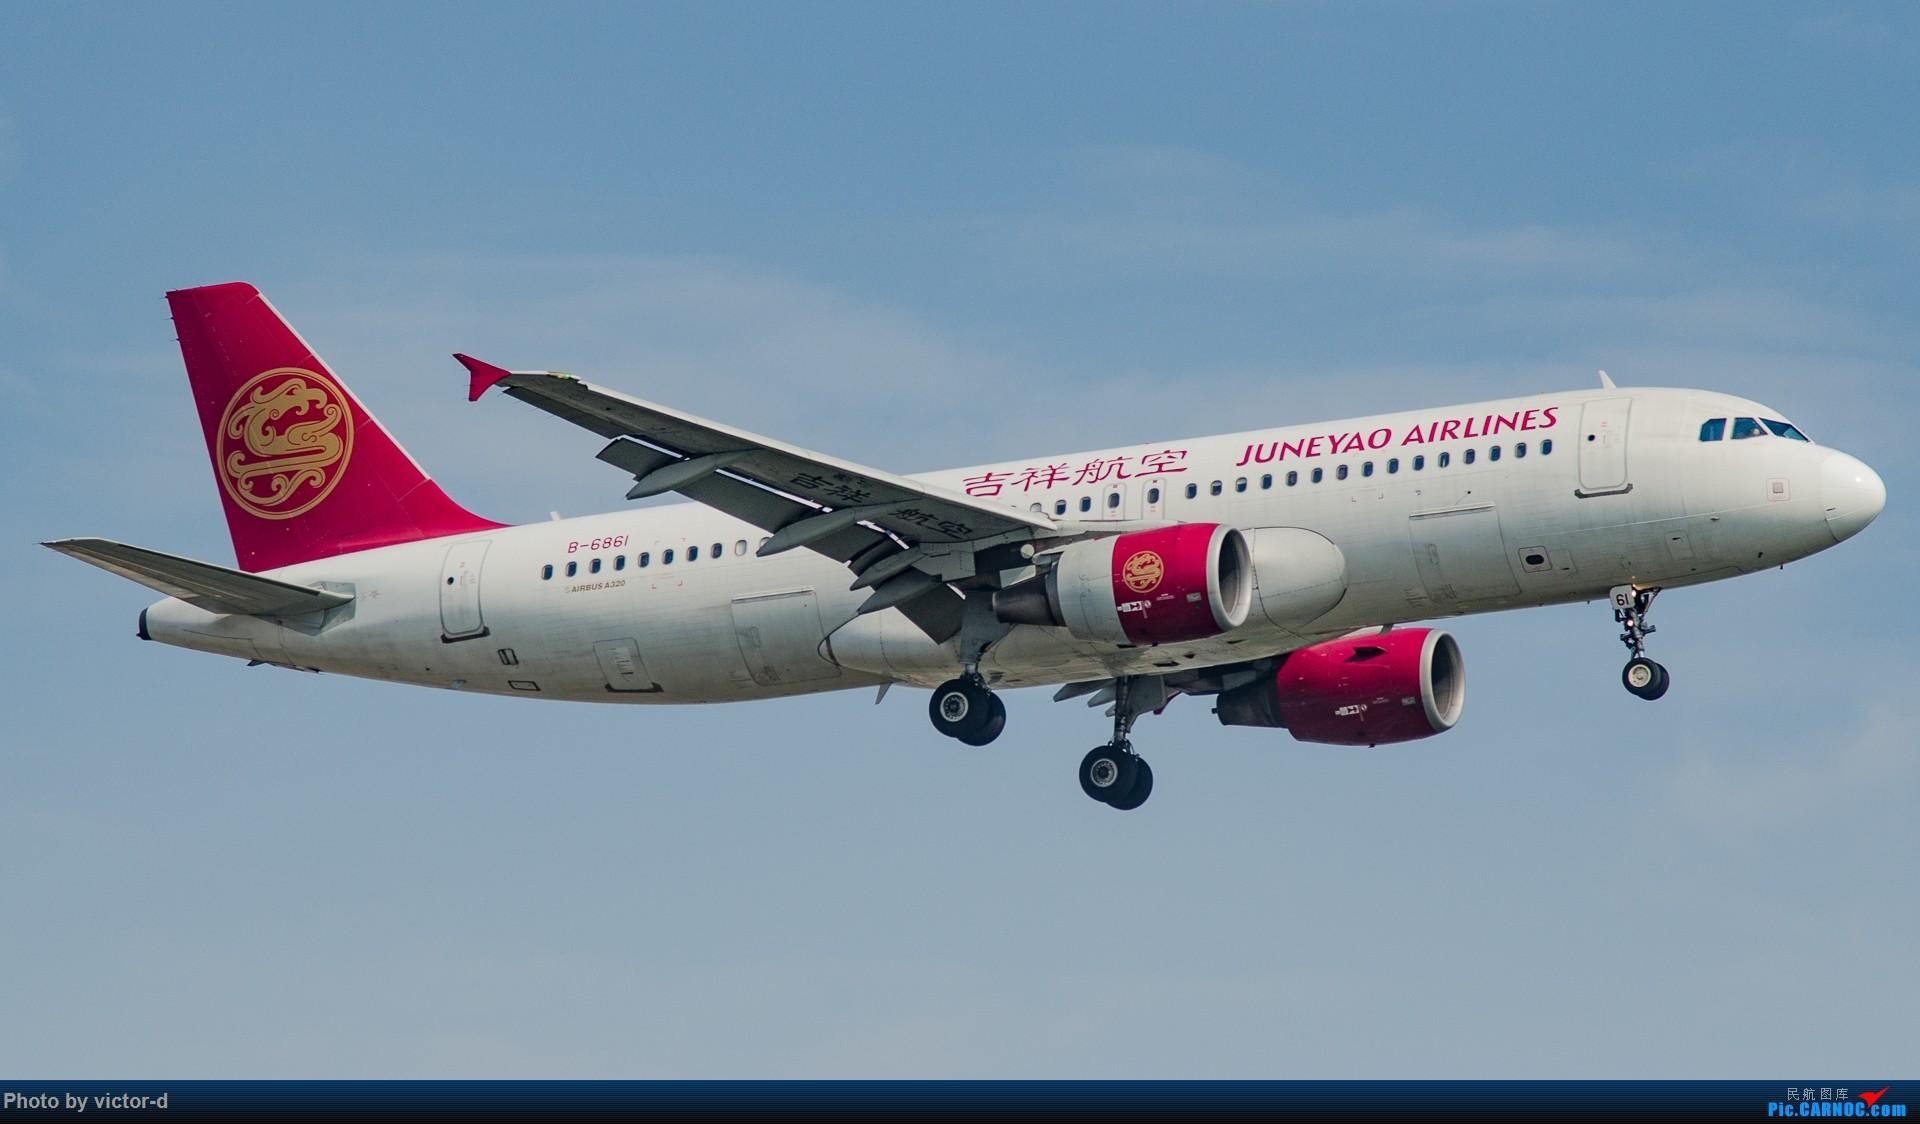 Re:[原创]【上海】拍机记录帖-记录这些年拍到的飞机 AIRBUS A320-200 B-6861 中国上海虹桥国际机场